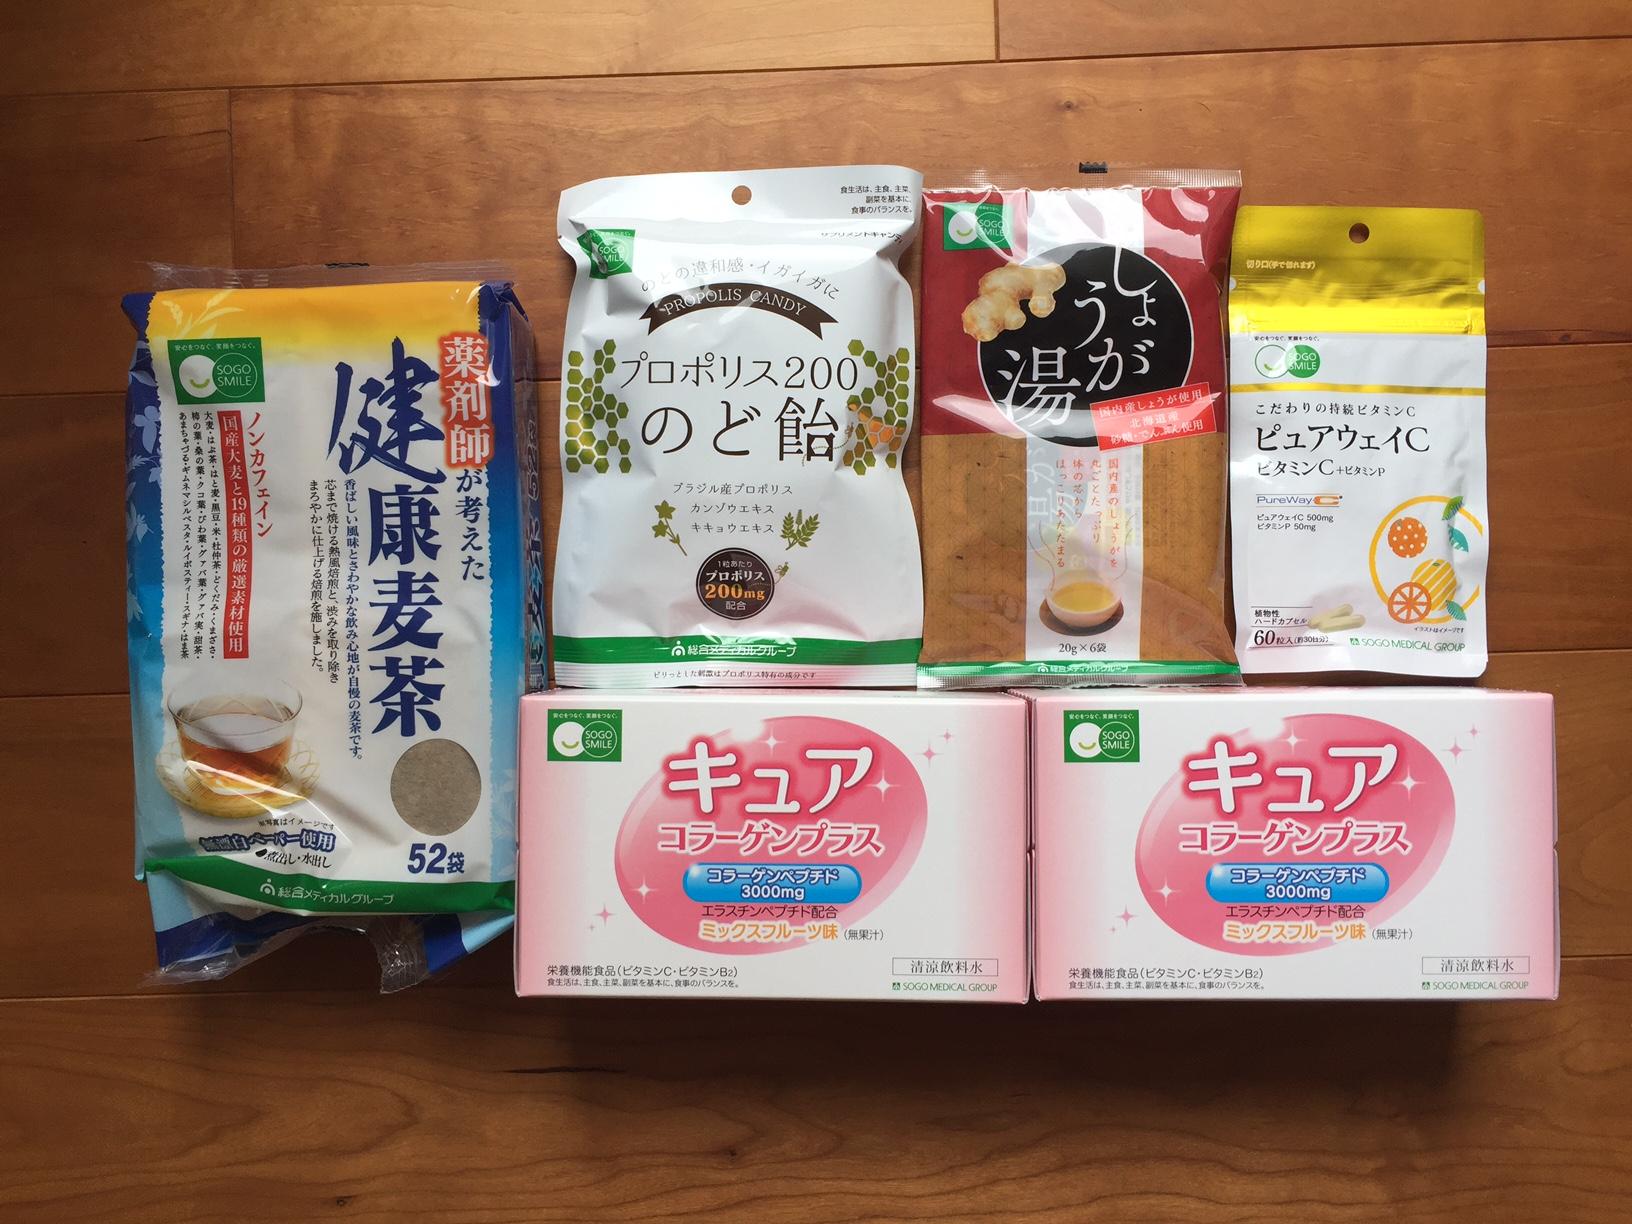 総合メディカルの株主優待 6,000円相当のPB商品セット